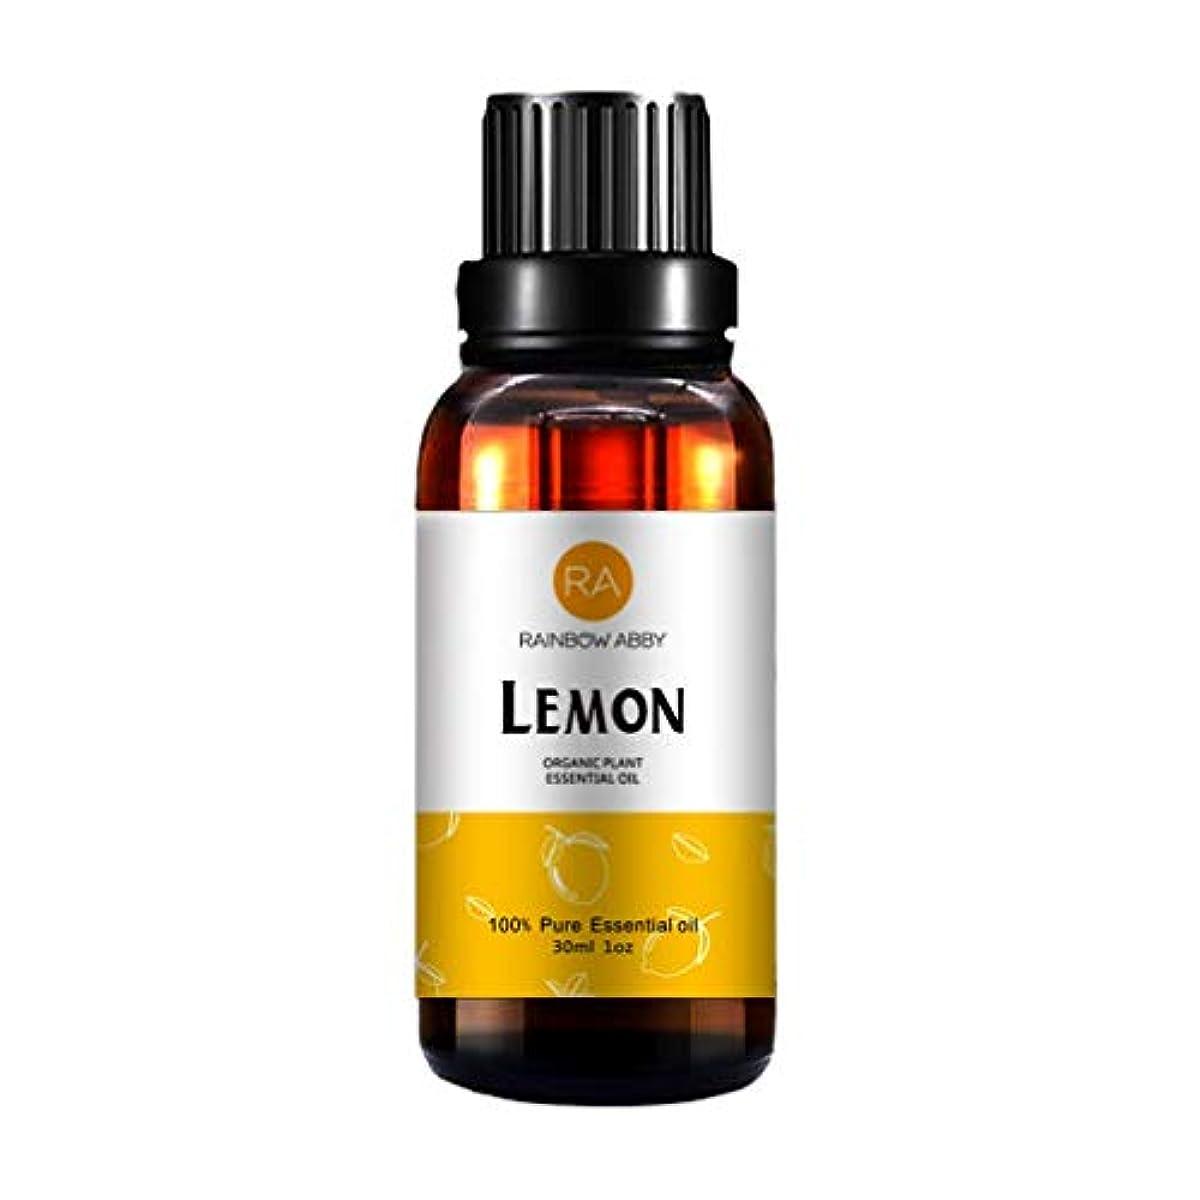 濃度レンド急勾配のRAINBOW ABBY レモンエッセンシャル オイル ディフューザー アロマ セラピー オイル (30ML/1oz) 100% ピュアオーガニック 植物 エキスレモン オイル